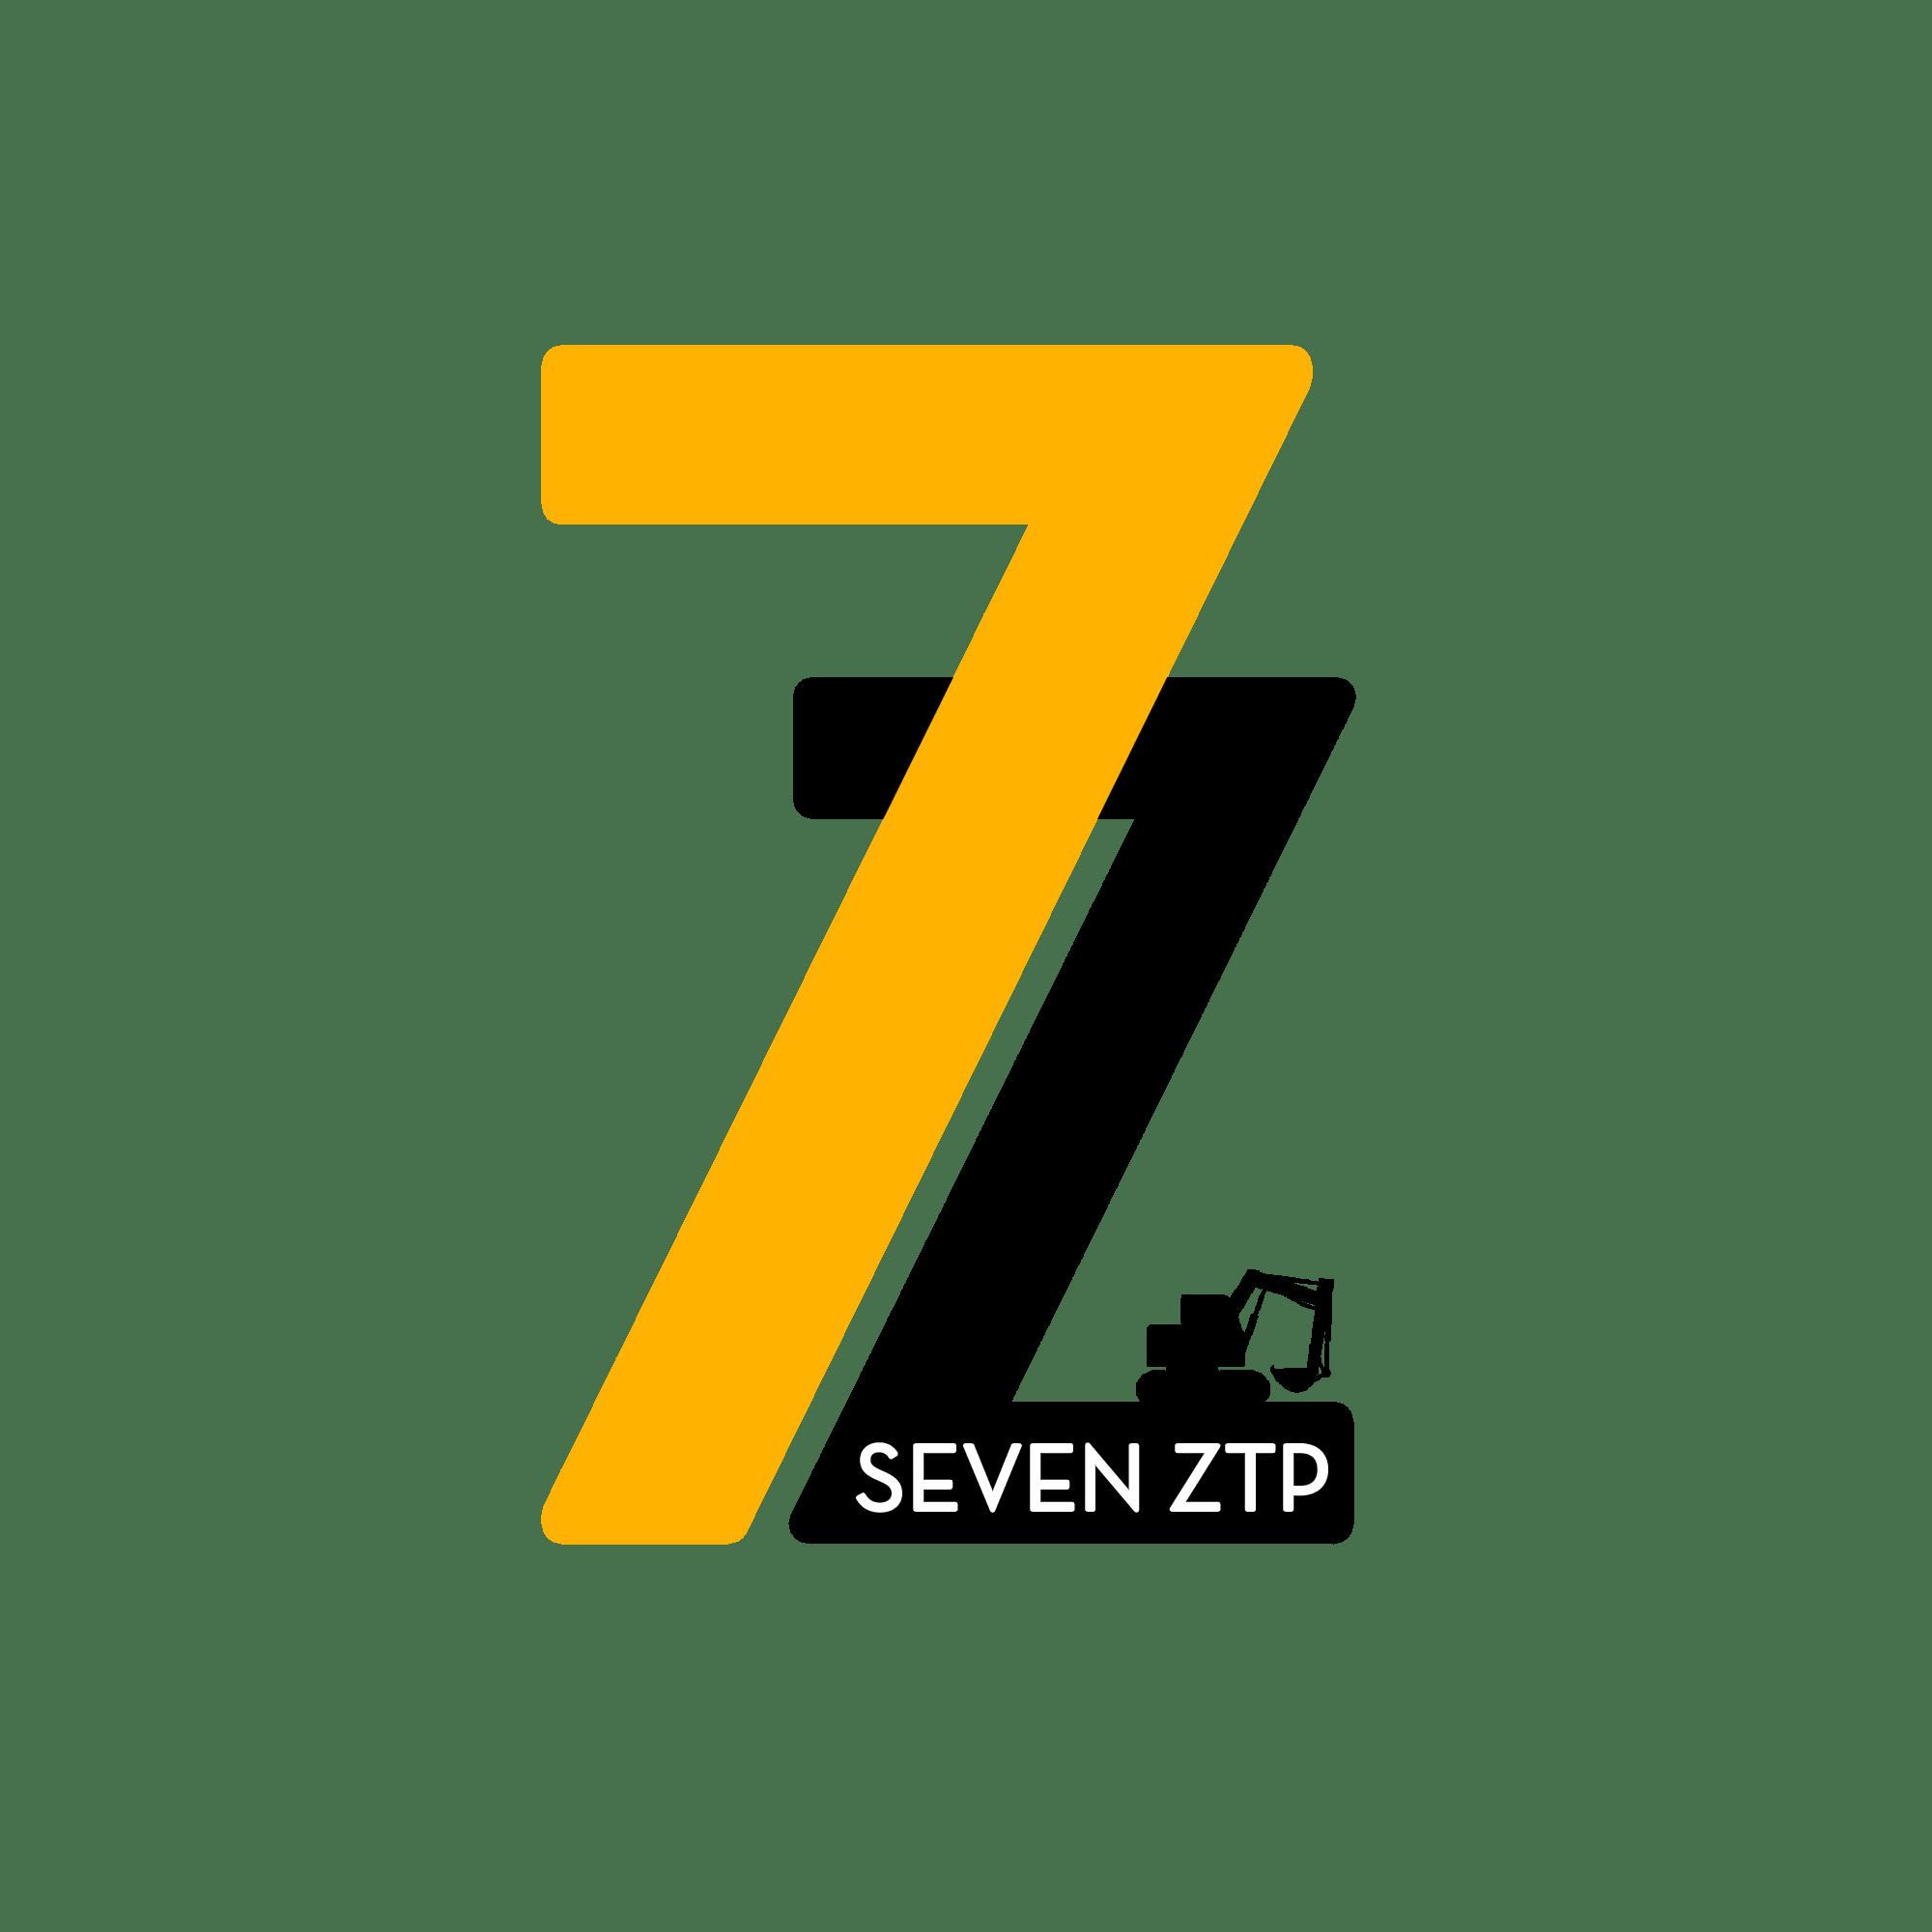 logo sevenztp png